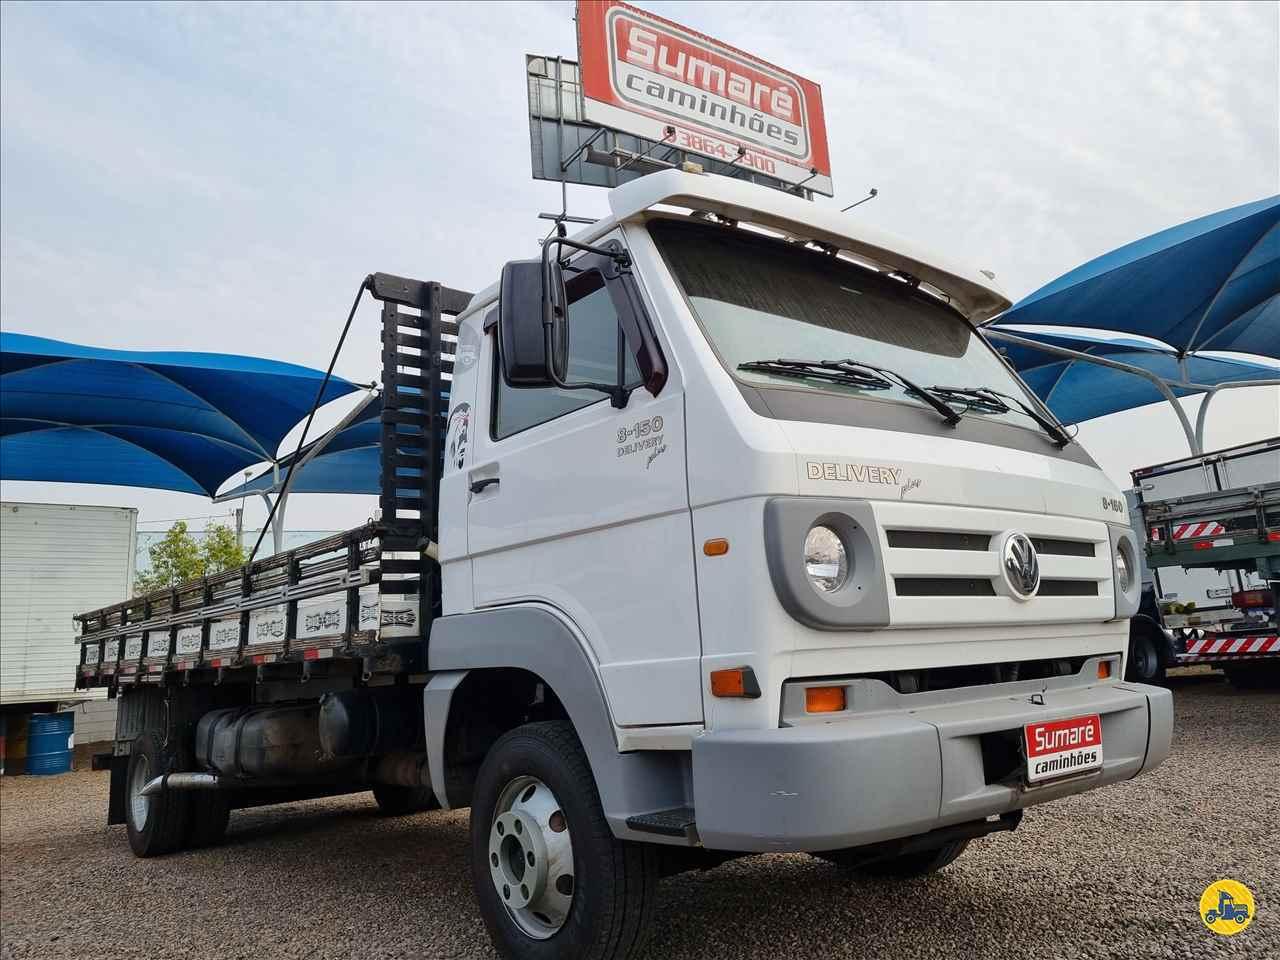 CAMINHAO VOLKSWAGEN VW 8150 Carga Seca 3/4 4x2 Sumaré Caminhões SUMARE SÃO PAULO SP